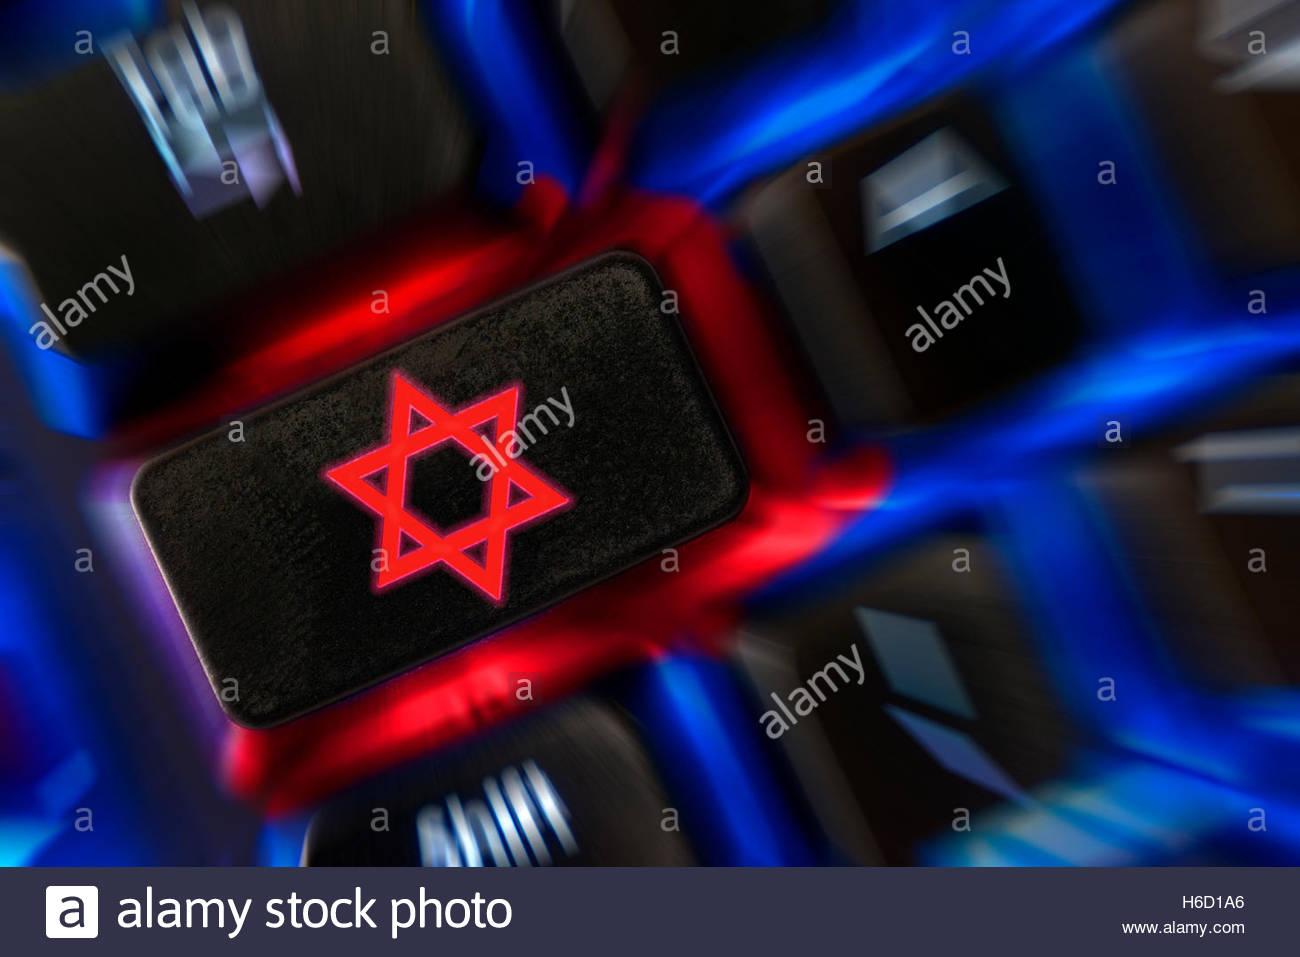 Star of david symbol shown on a backlit keyboard dorset england star of david symbol shown on a backlit keyboard dorset england uk biocorpaavc